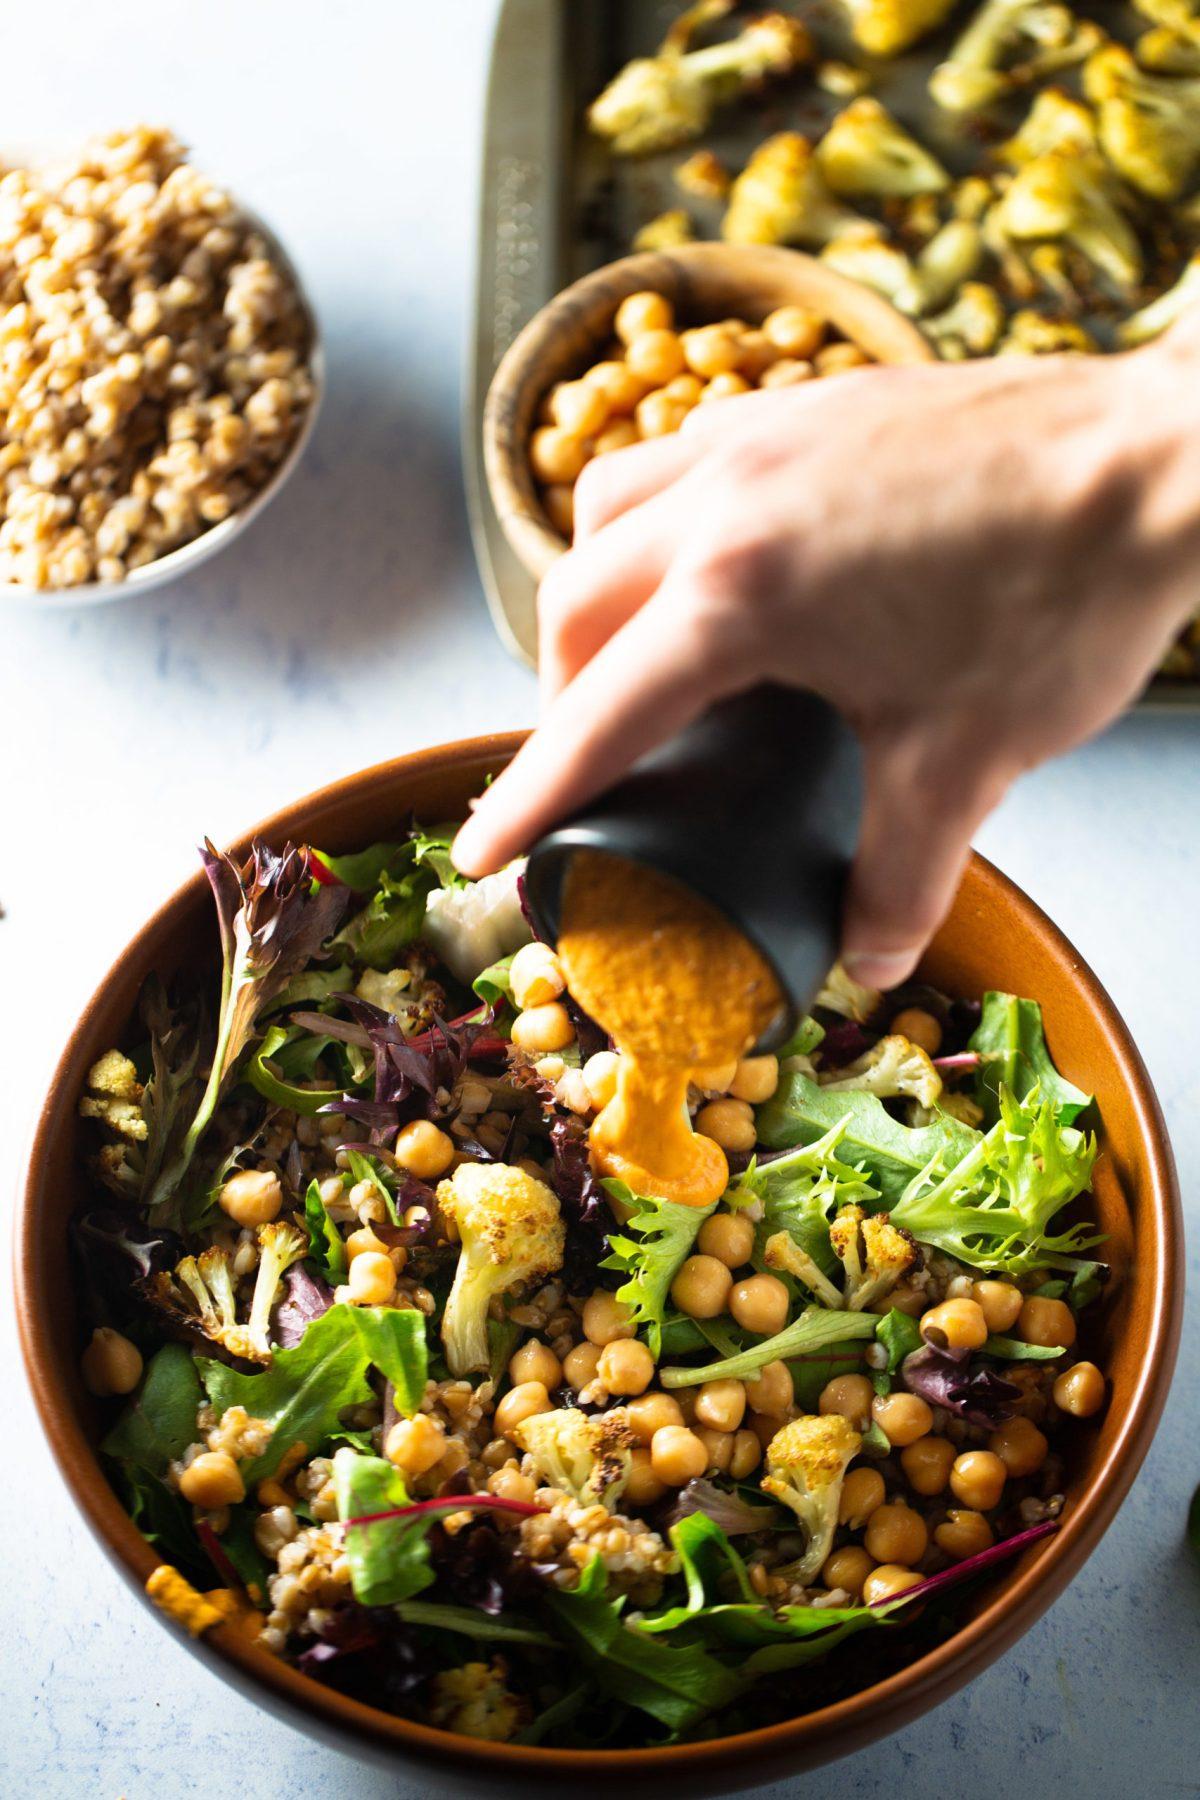 Romesco cayendo en ensalada de farro con coliflor, garbanzos y hojas verdes.